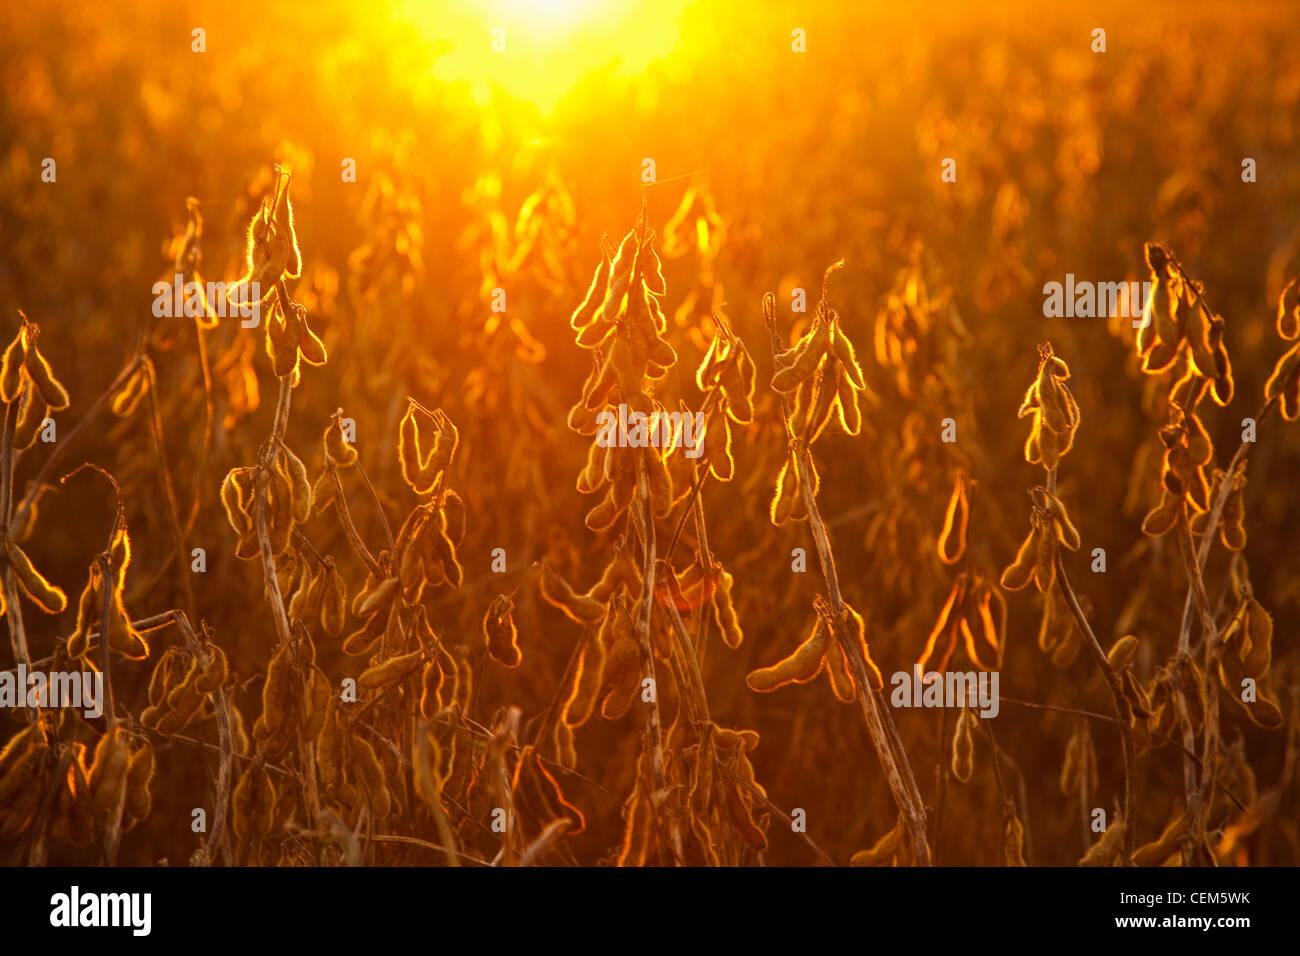 Agriculture - l'étape de la récolte à maturité des gousses de soja sur la plante, rétroéclairé Photo Stock